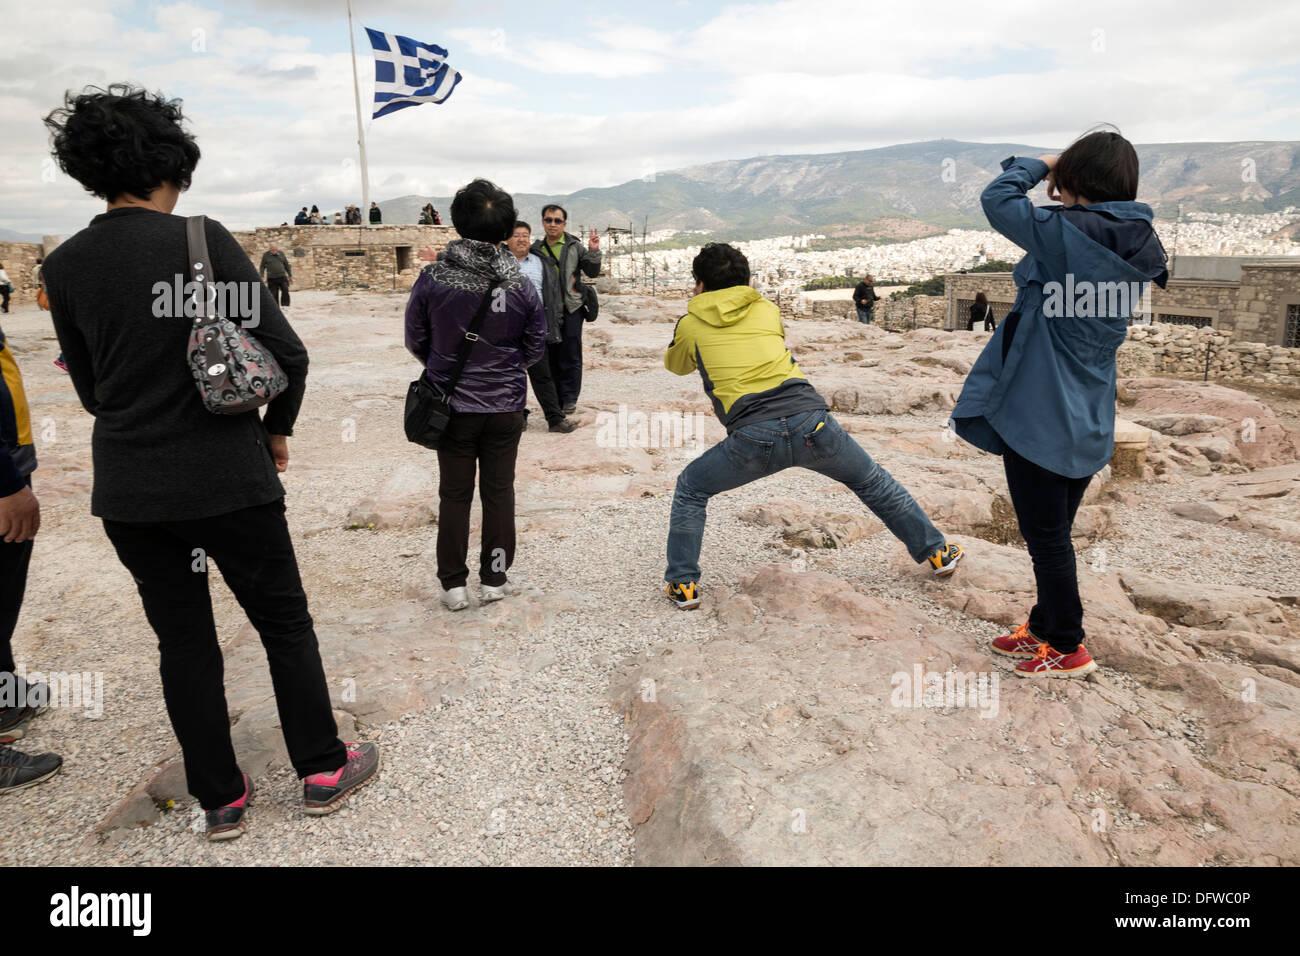 Touristen fotografieren einander auf der Akropolis. Athen, Griechenland am 4. Oktober 2013 Stockbild